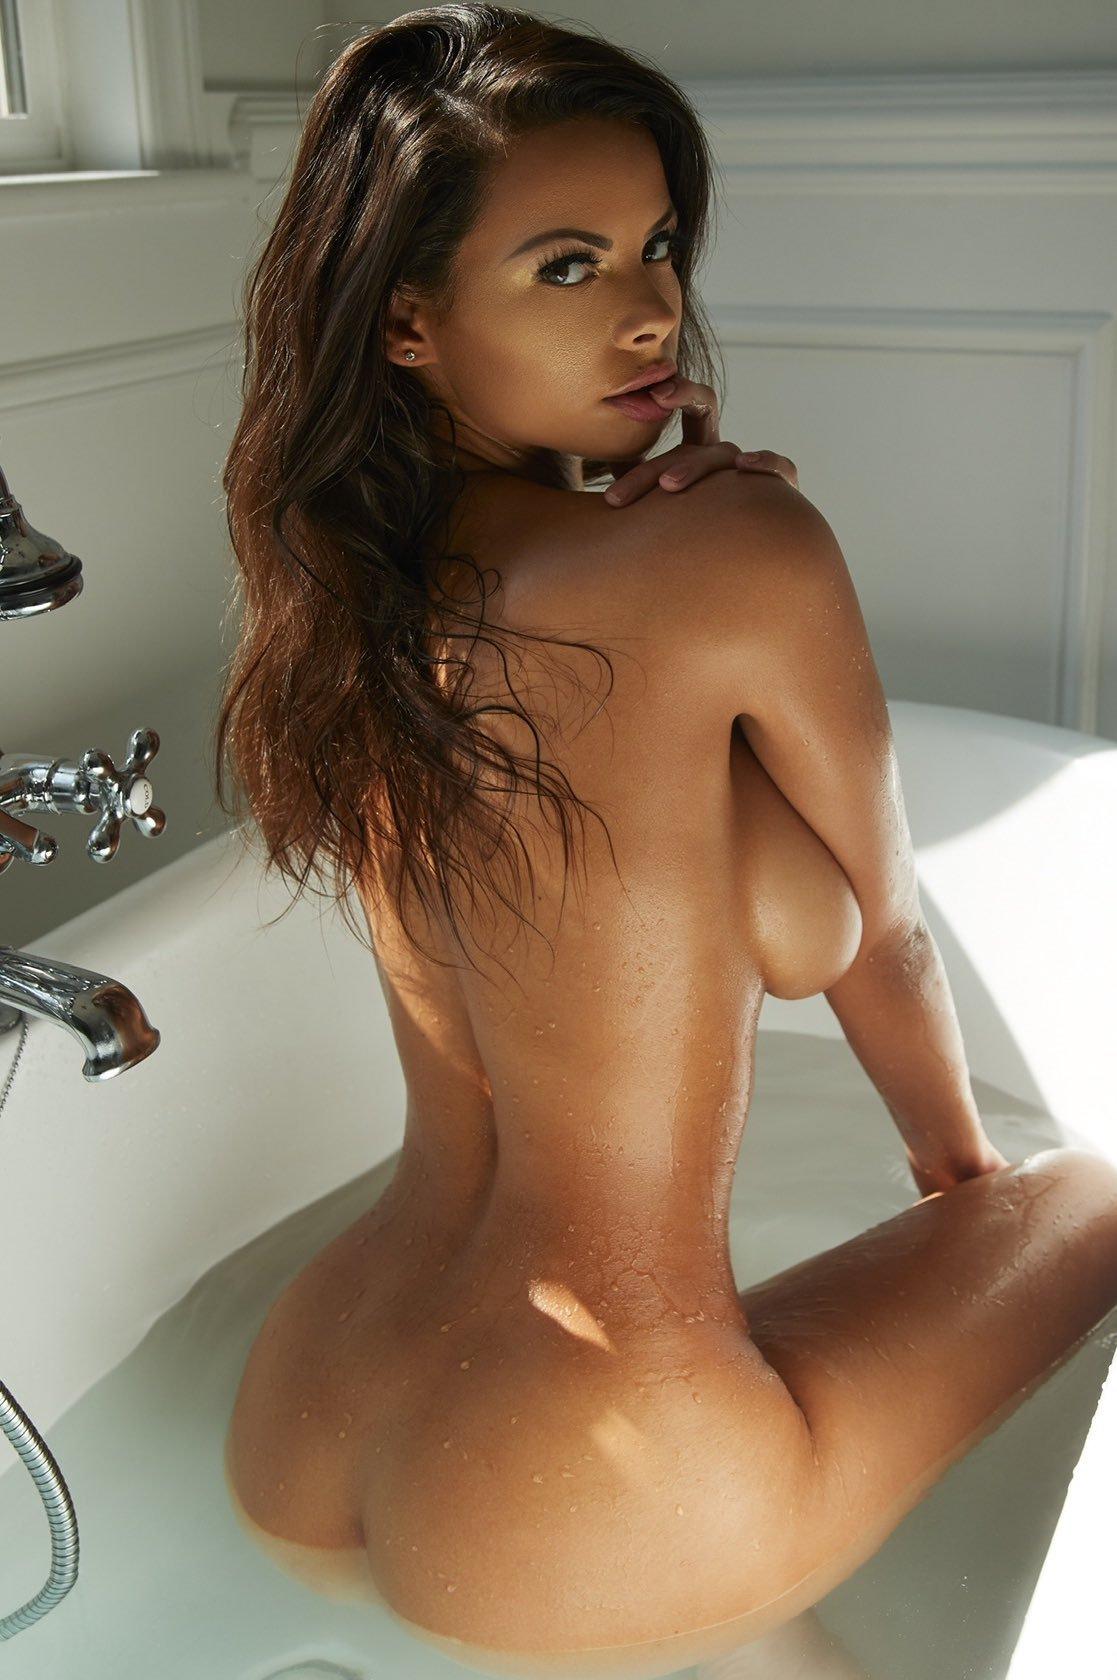 Katie Bell Model Nude